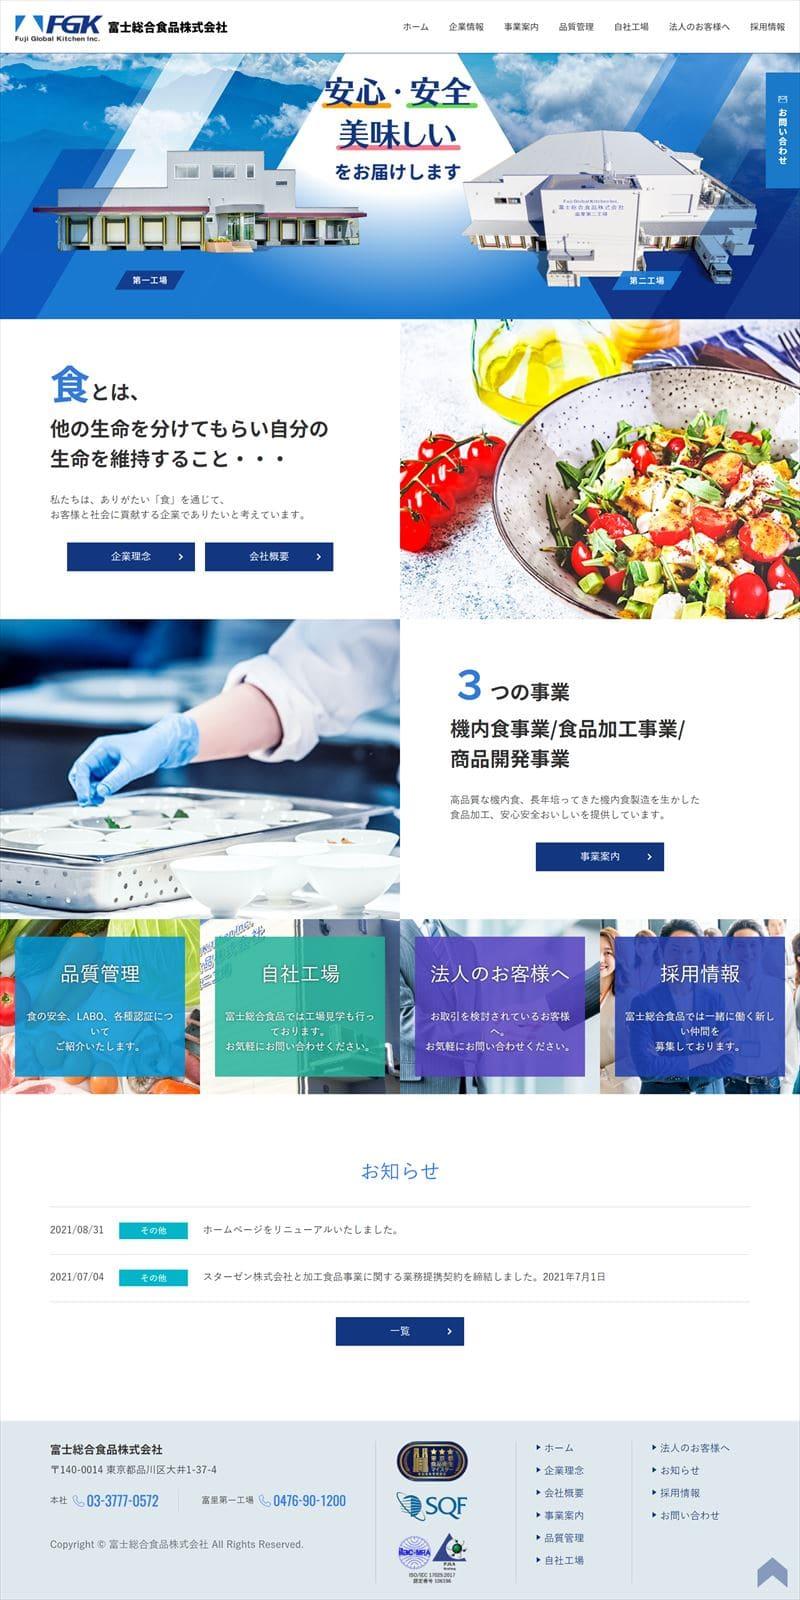 富士総合食品株式会社